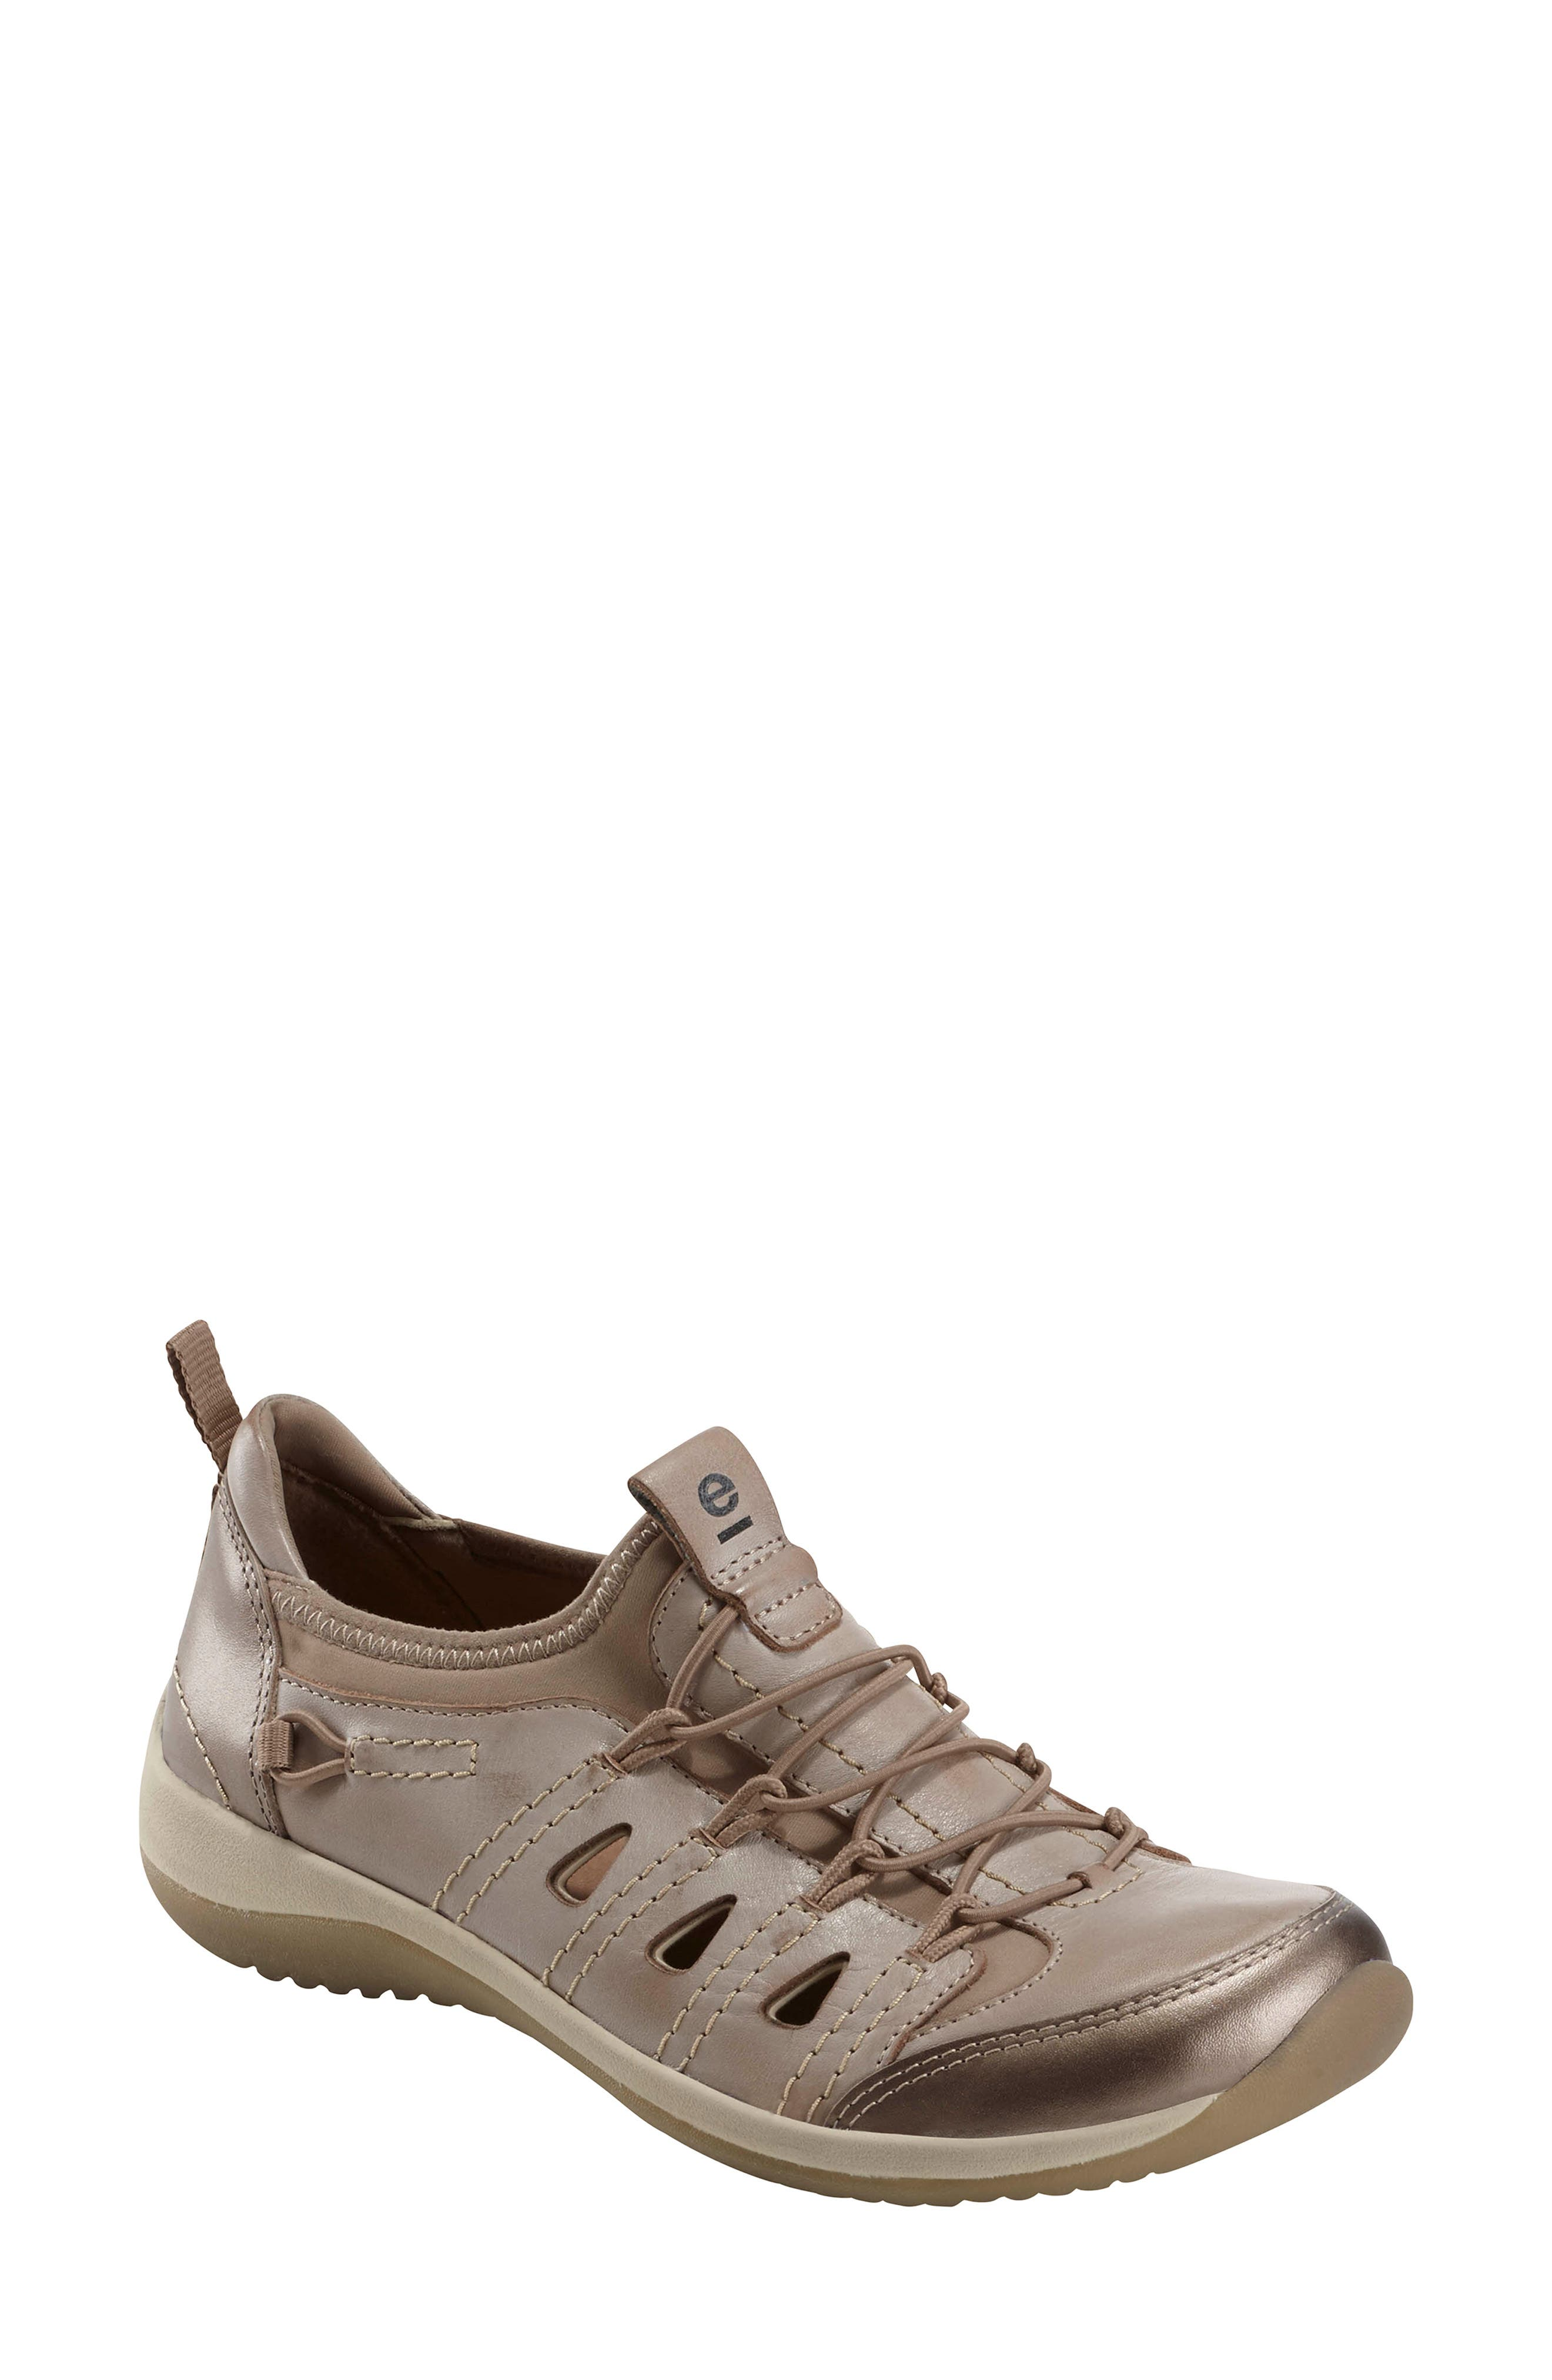 Earth Goodall Sneaker, Beige